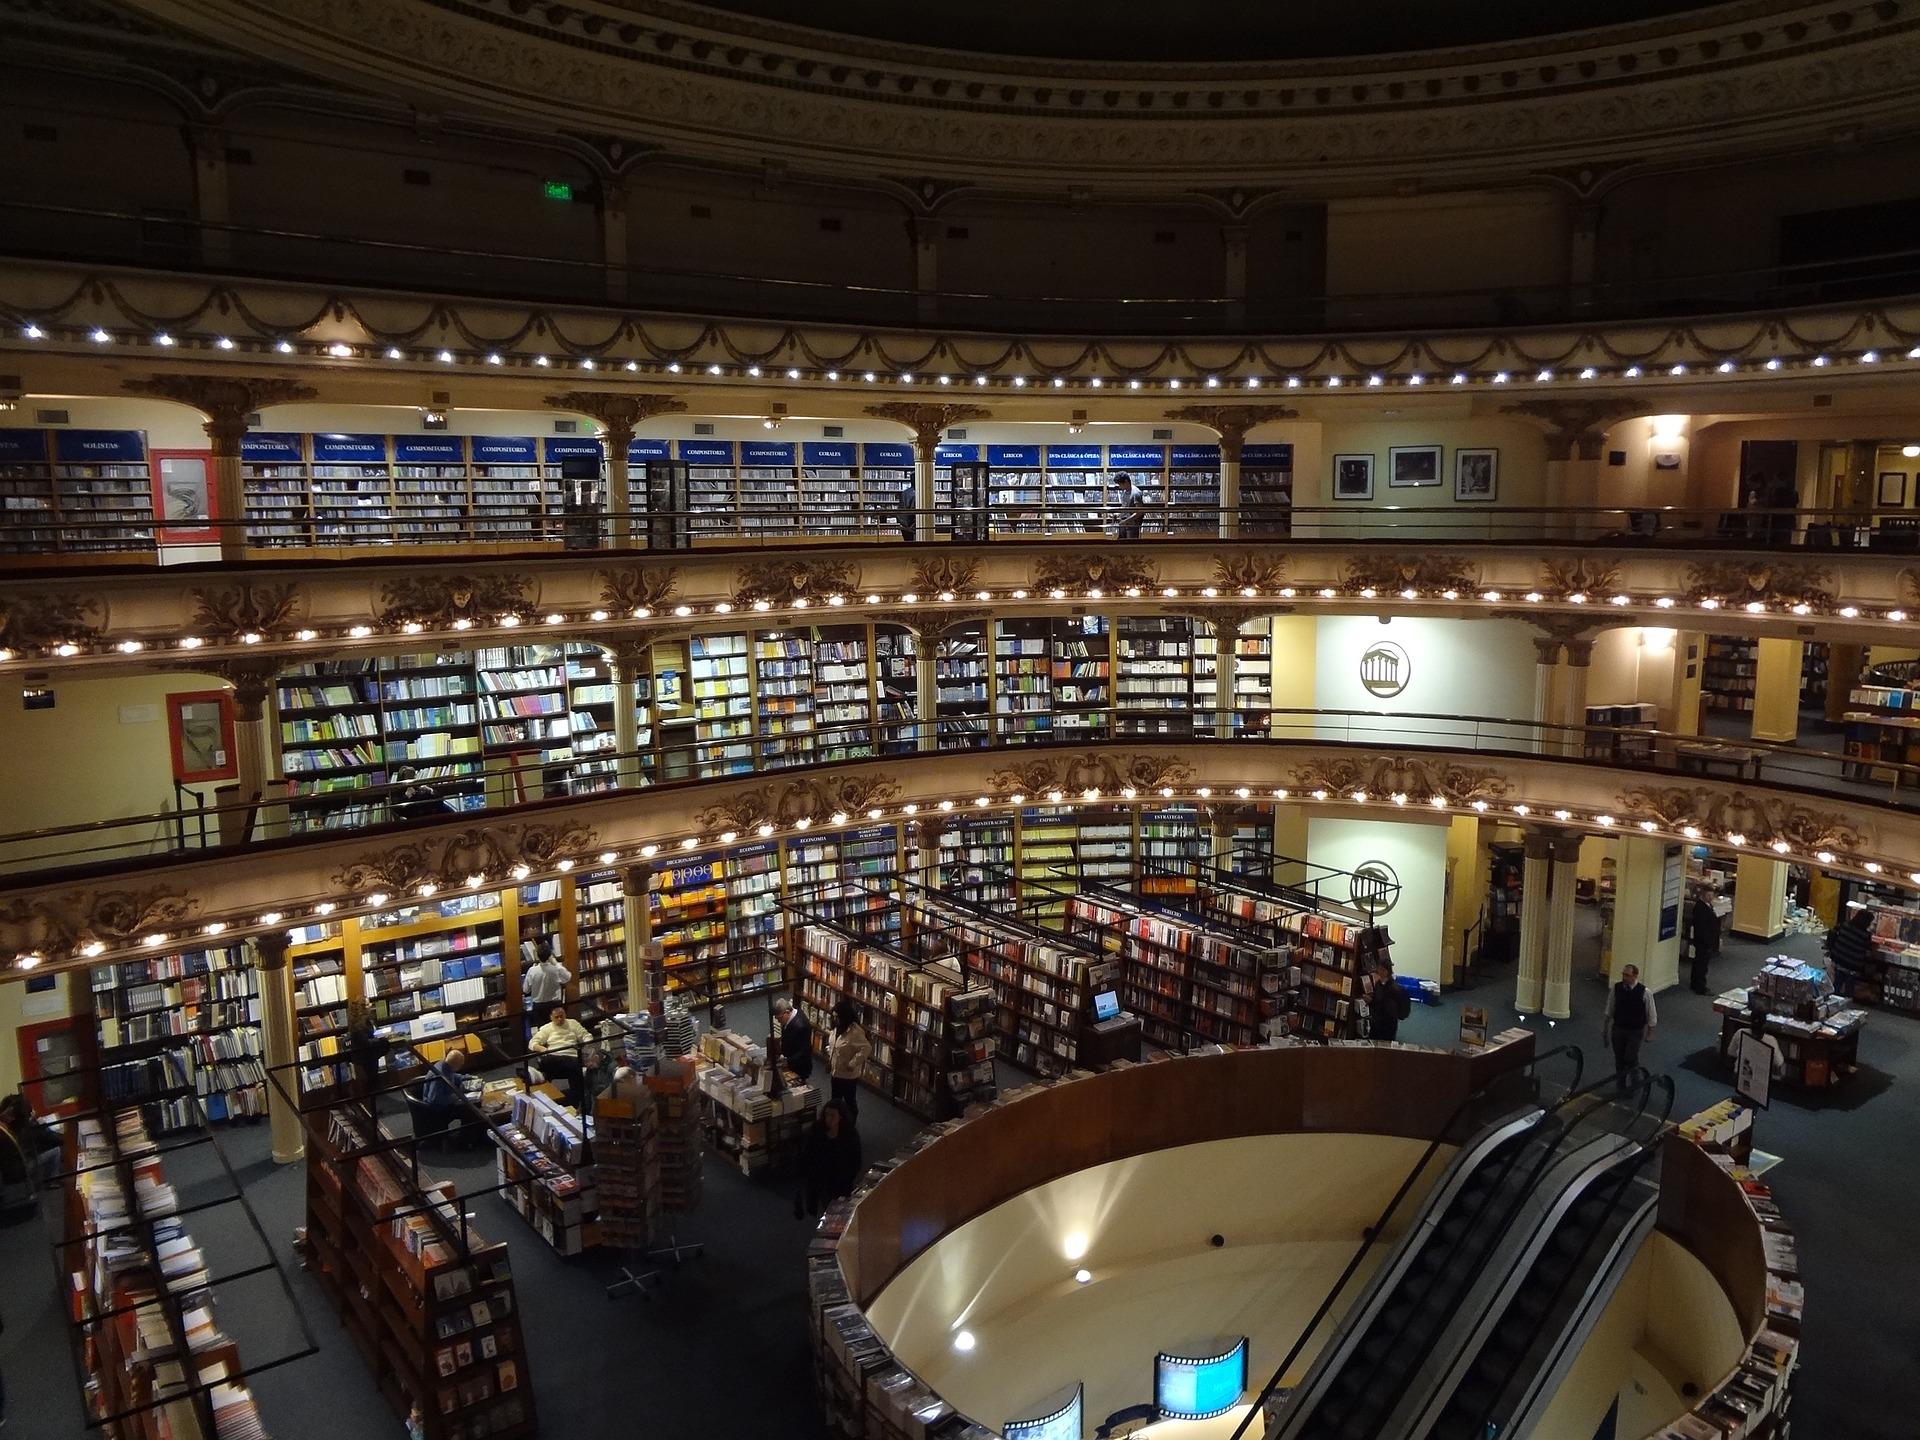 bookstore-945090_1920.jpg